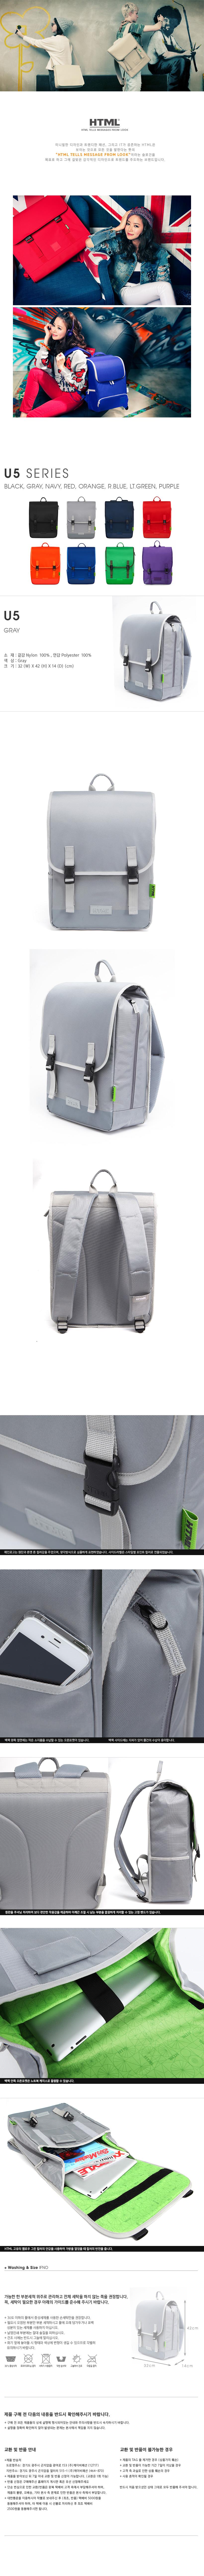 [에이치티엠엘]HTML - NEW U5 Backpack (Gray)_학생가방_스쿨백팩